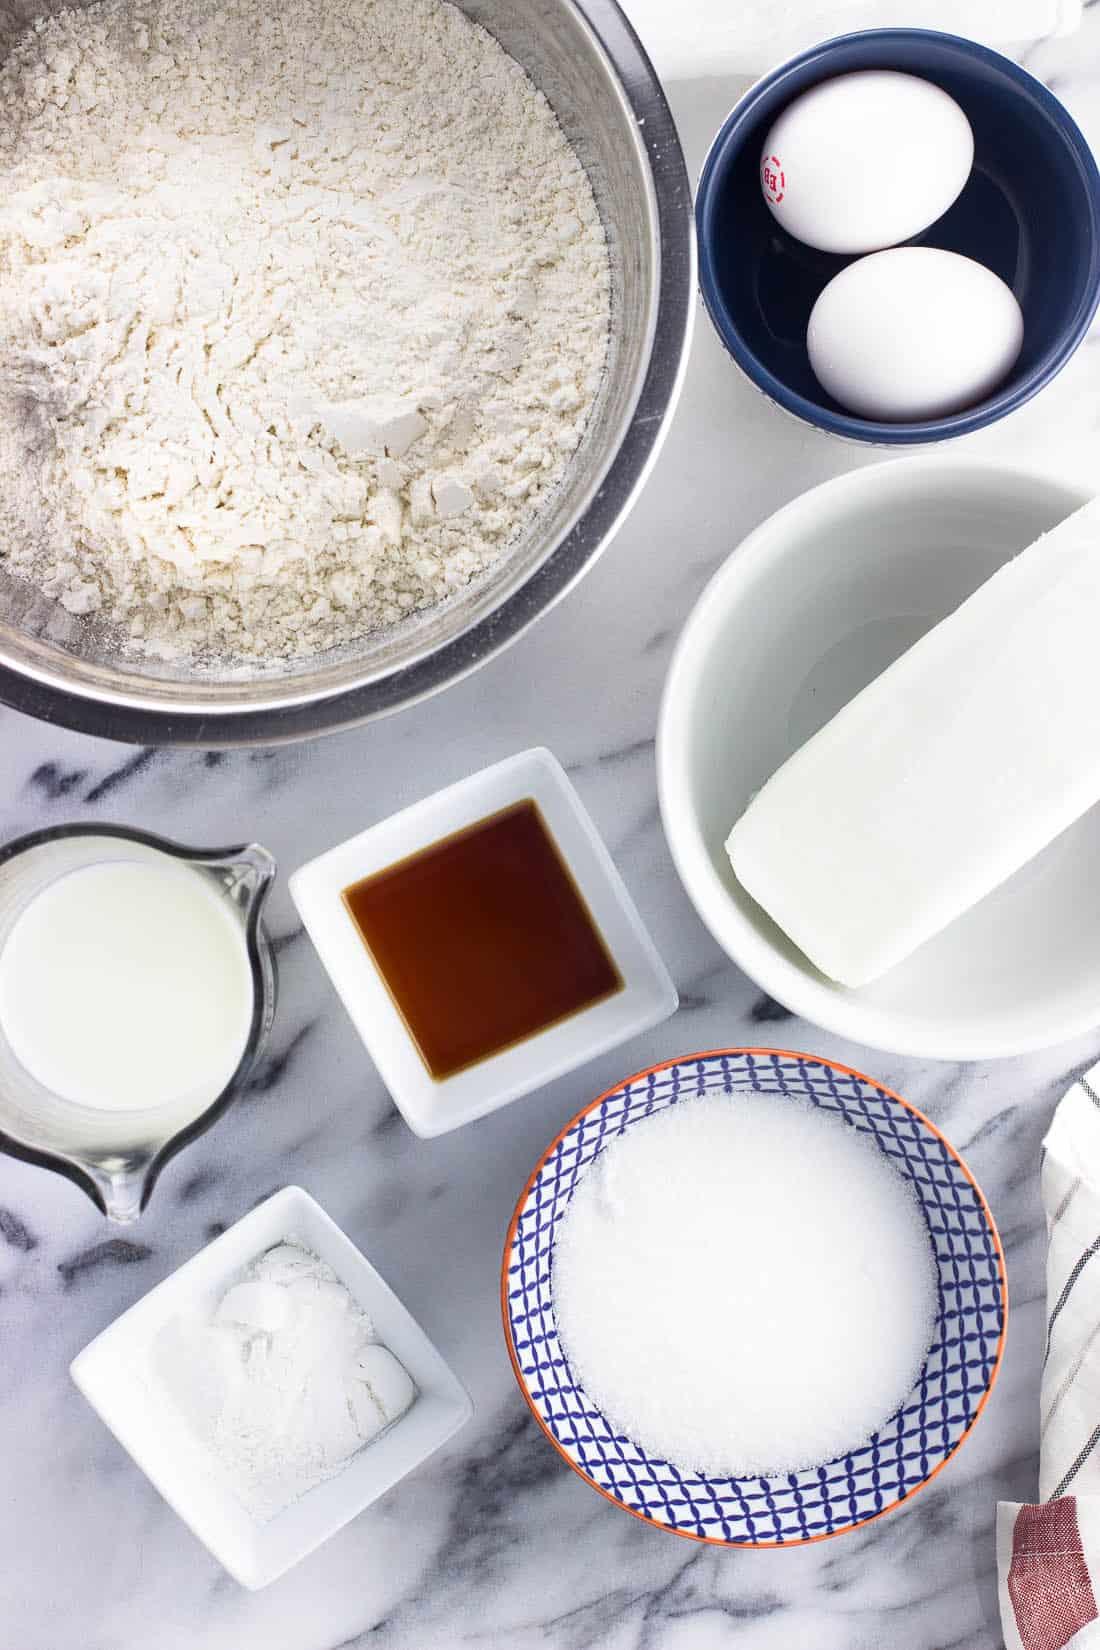 Italian fig cookie dough ingredients in separate bowls